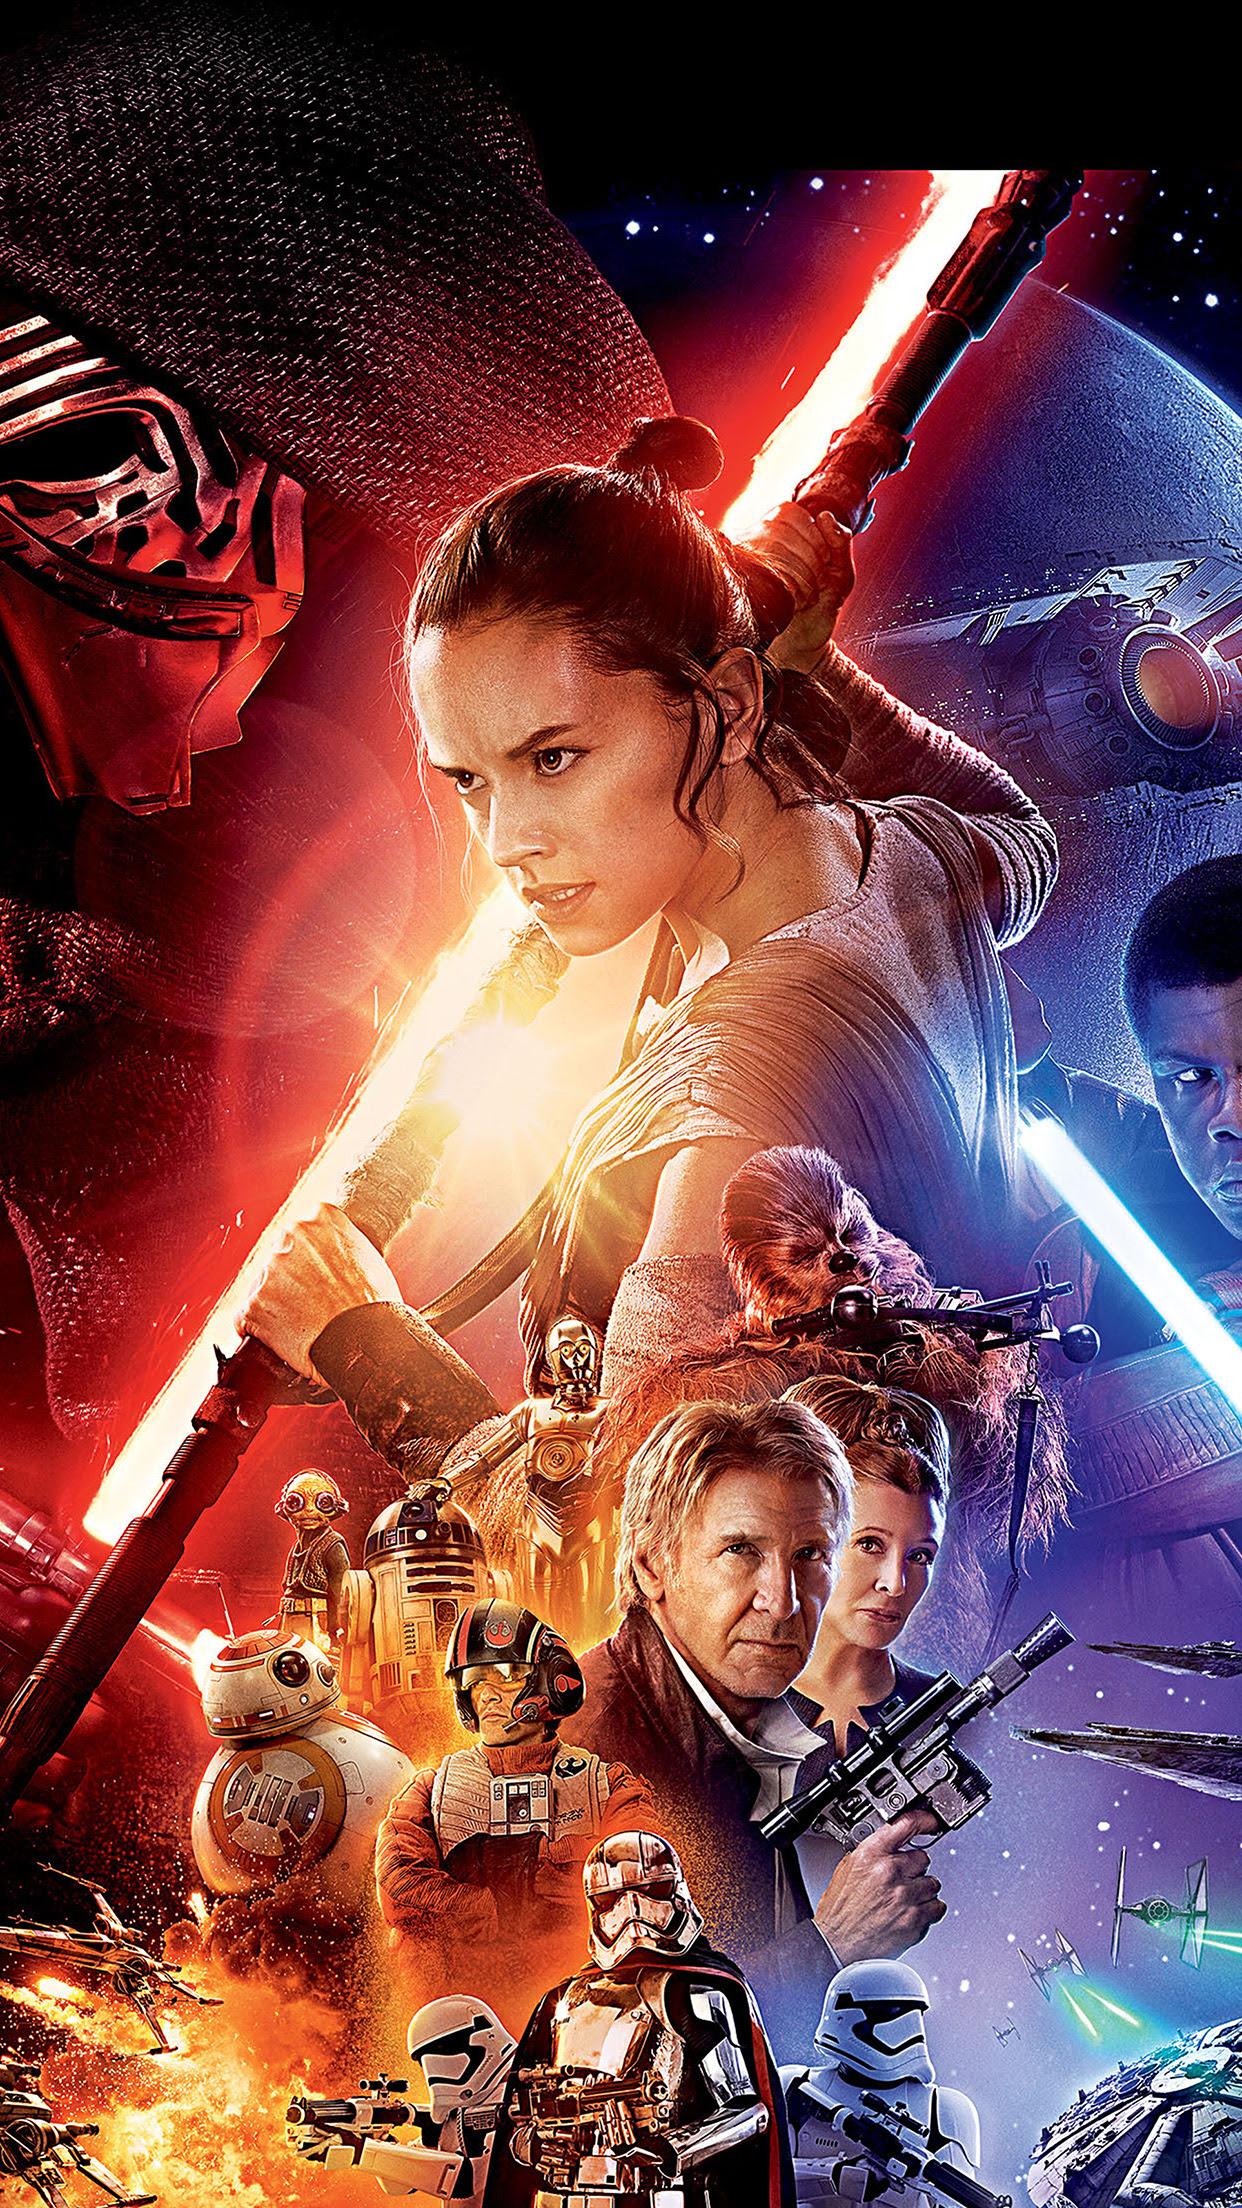 Star Wars Movie Poster Wallpaper Movies Valentinekieranlionel